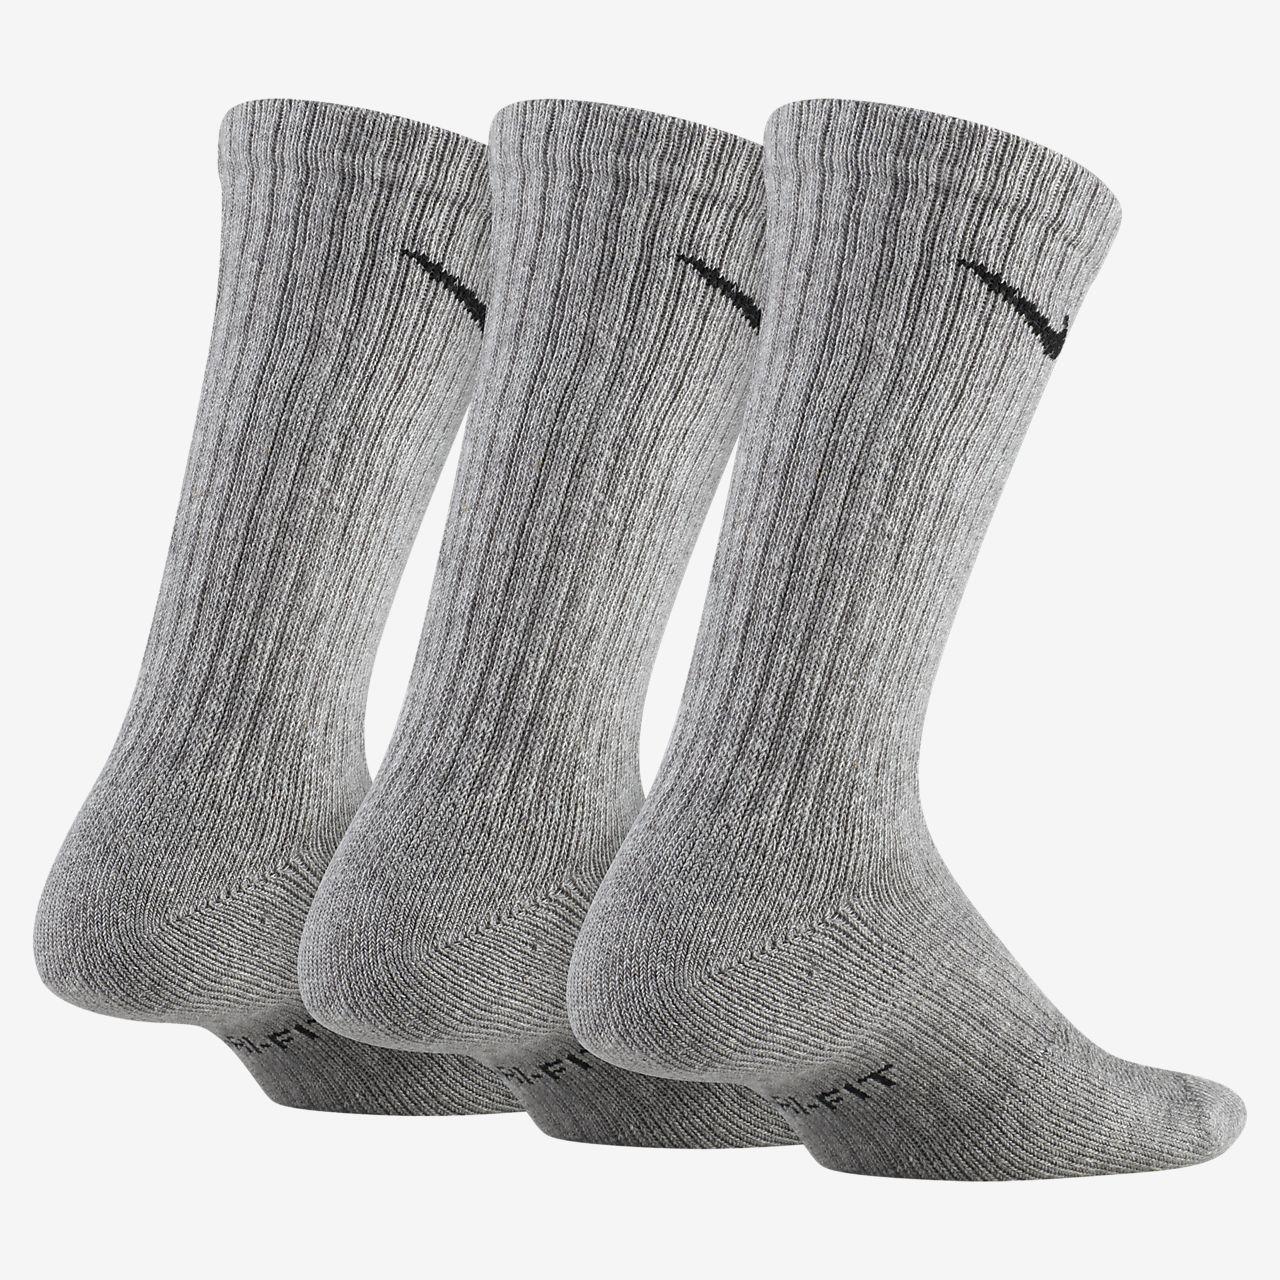 Calcetines de entrenamiento para niños Nike Performance Cushioned Crew (3 pares)